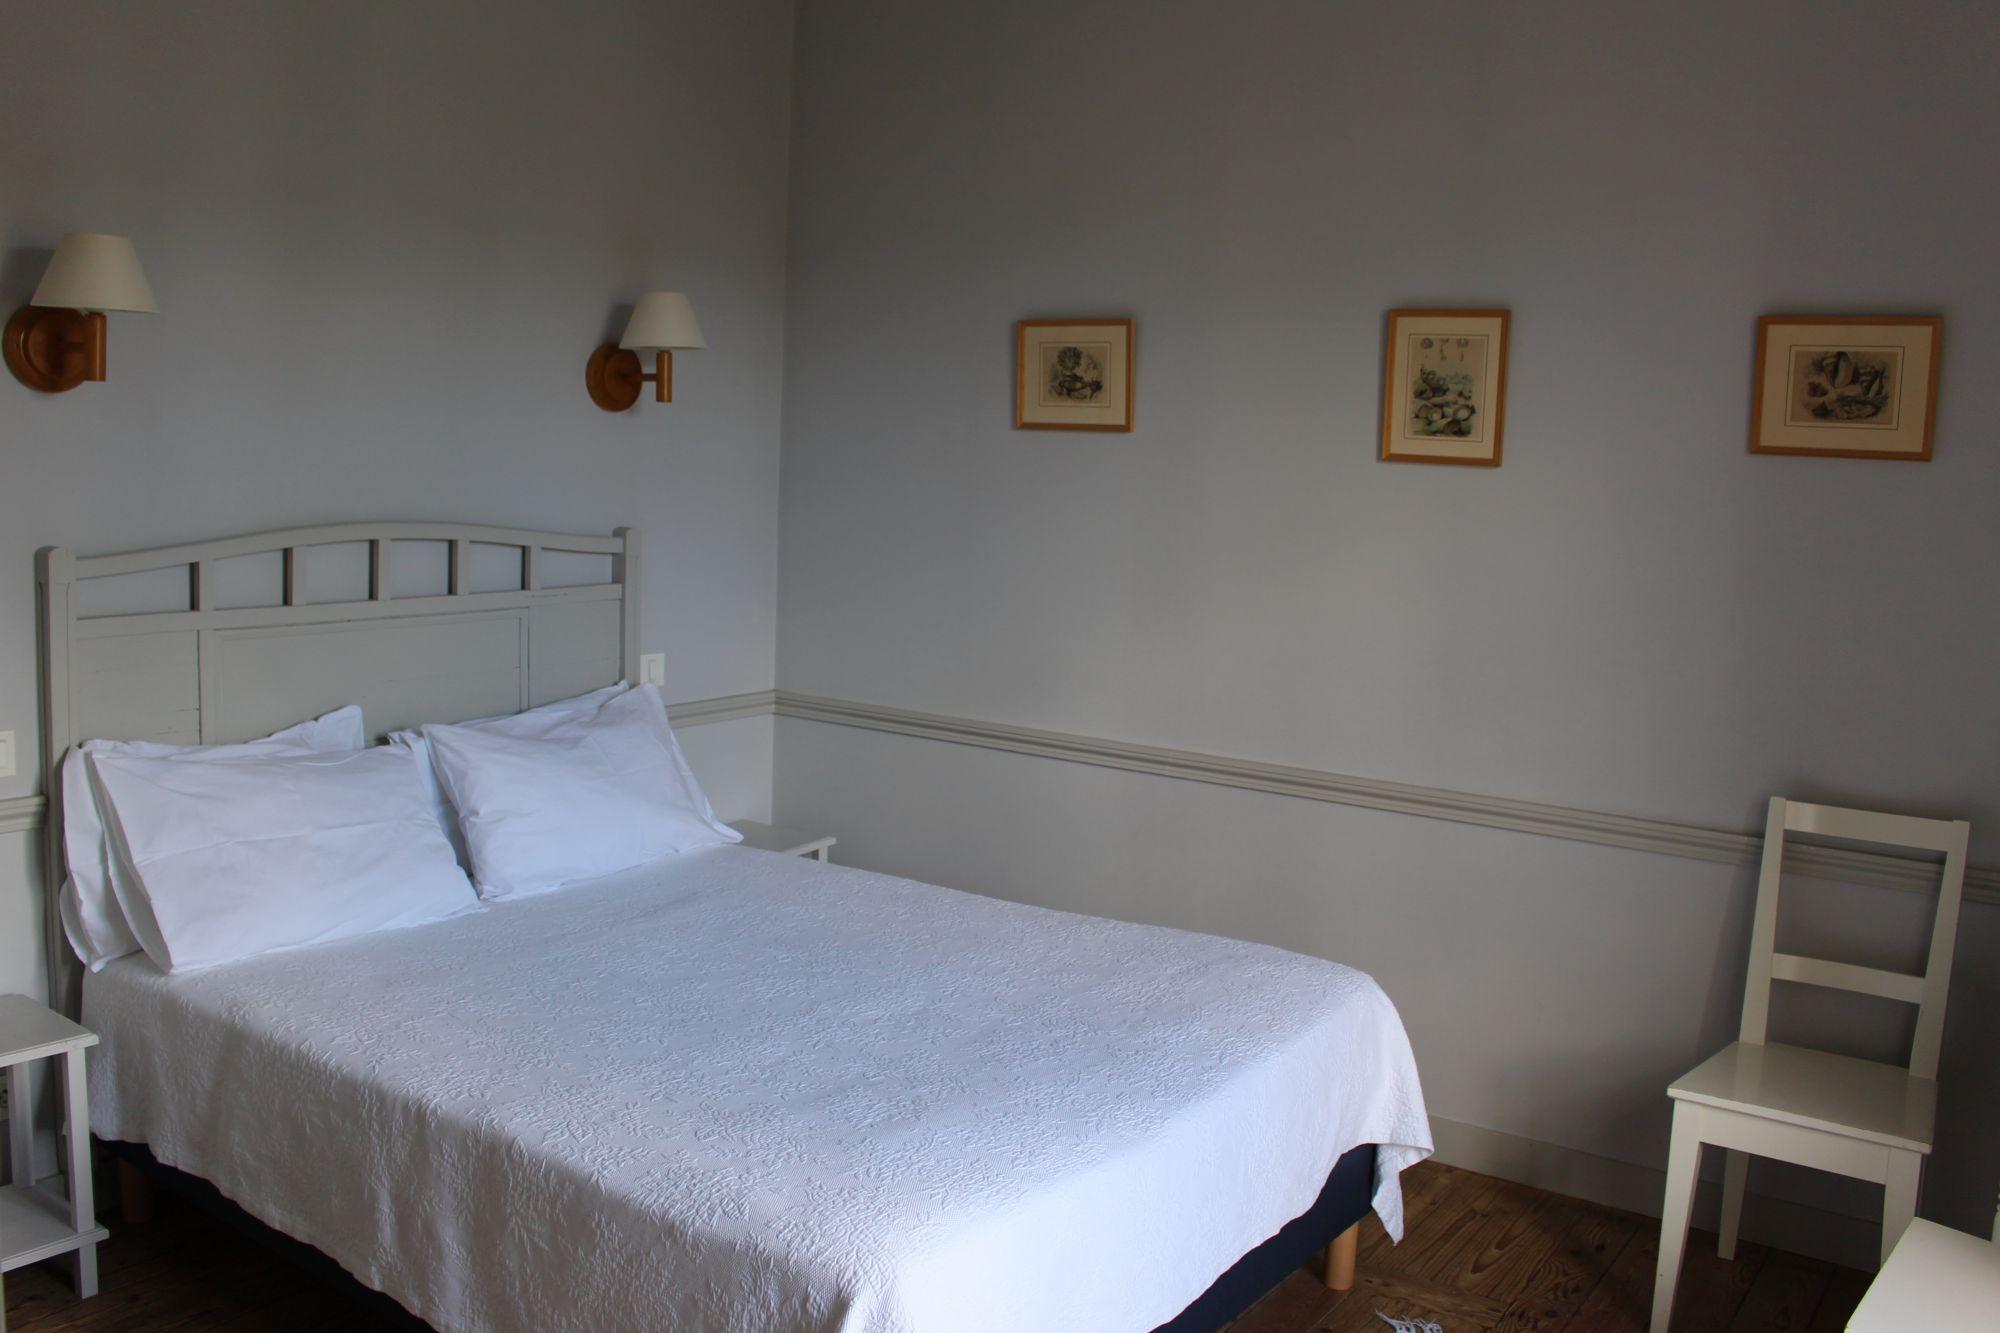 chambres-dhotes-les-mouettes-saint-suliac-chambre-jaune-2